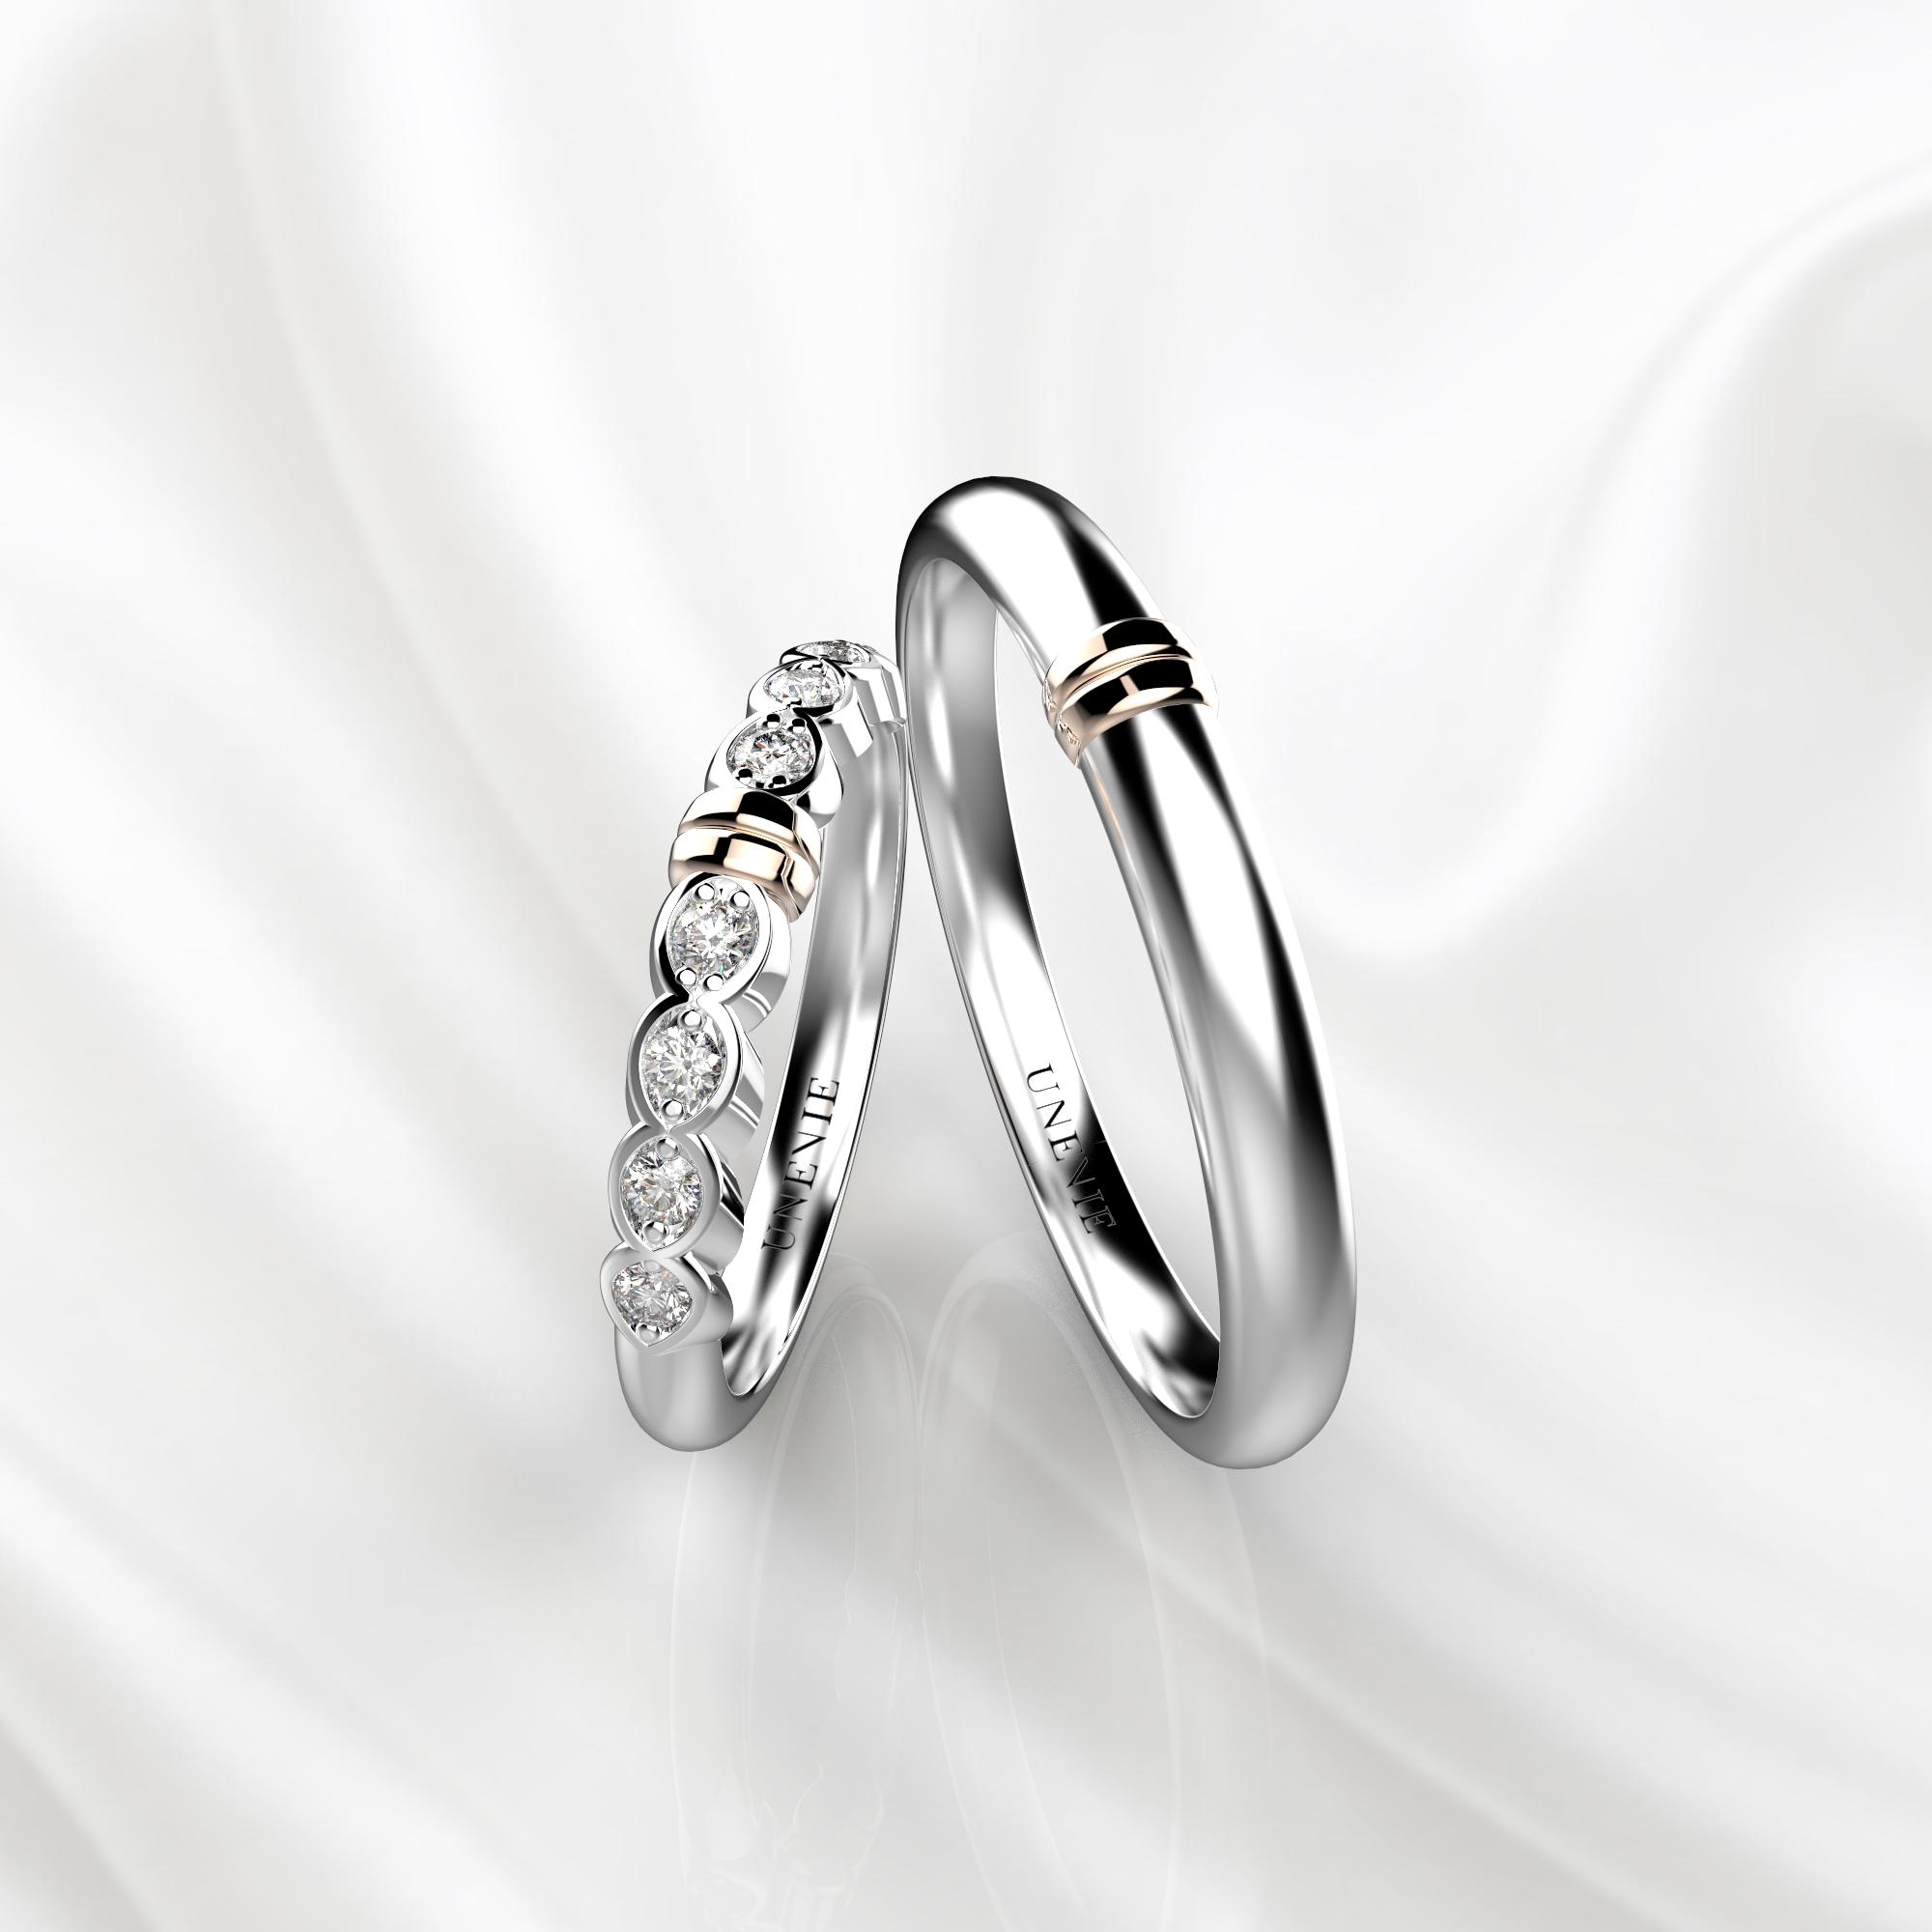 NV36 Обручальные кольца из белого-розового золота с бриллиантами